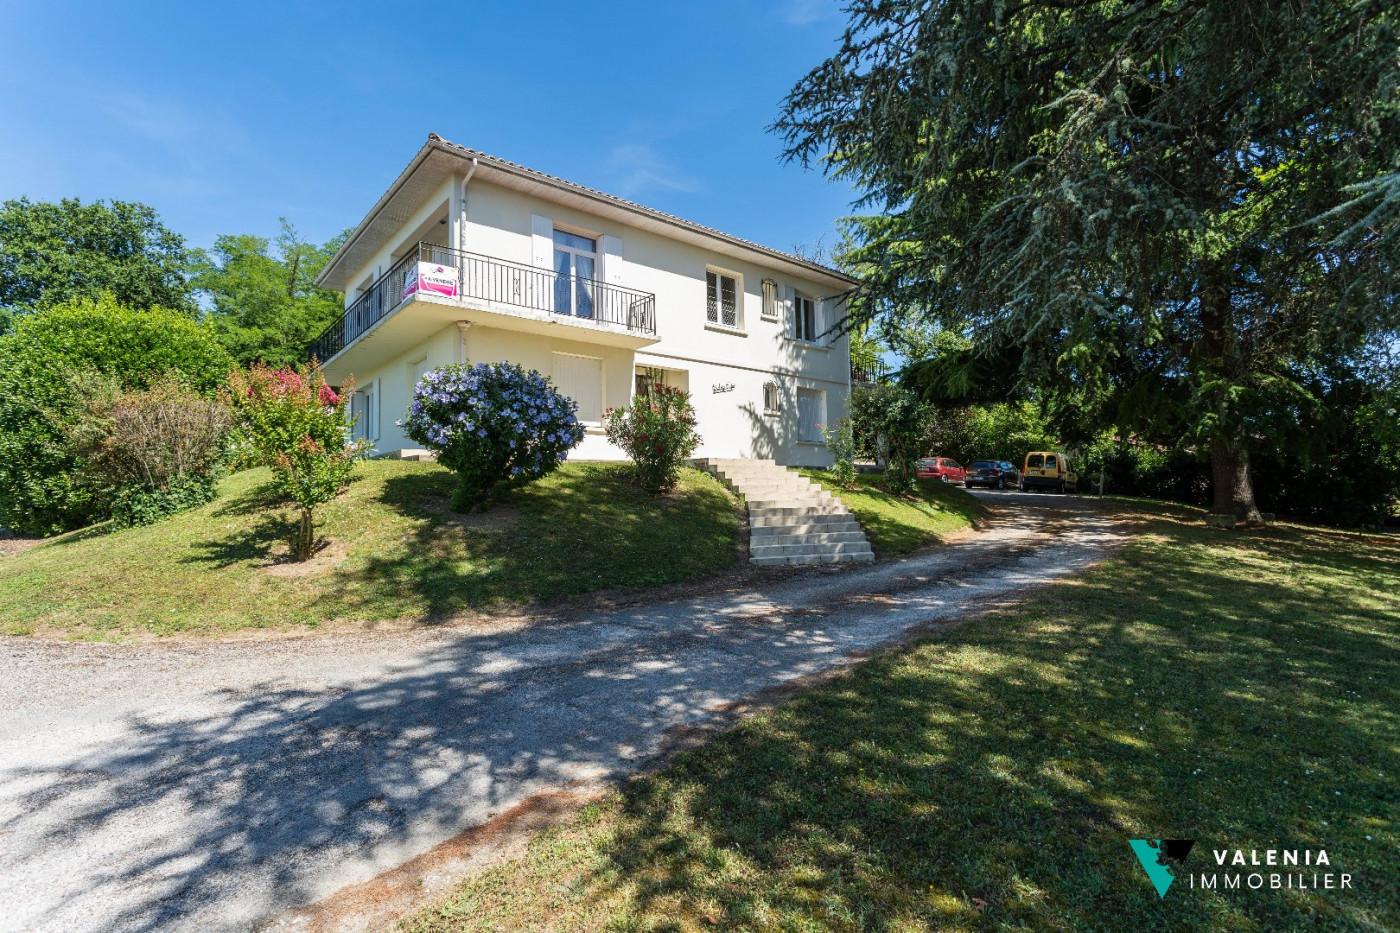 A vendre  Branne | Réf 3453411506 - Valenia immobilier